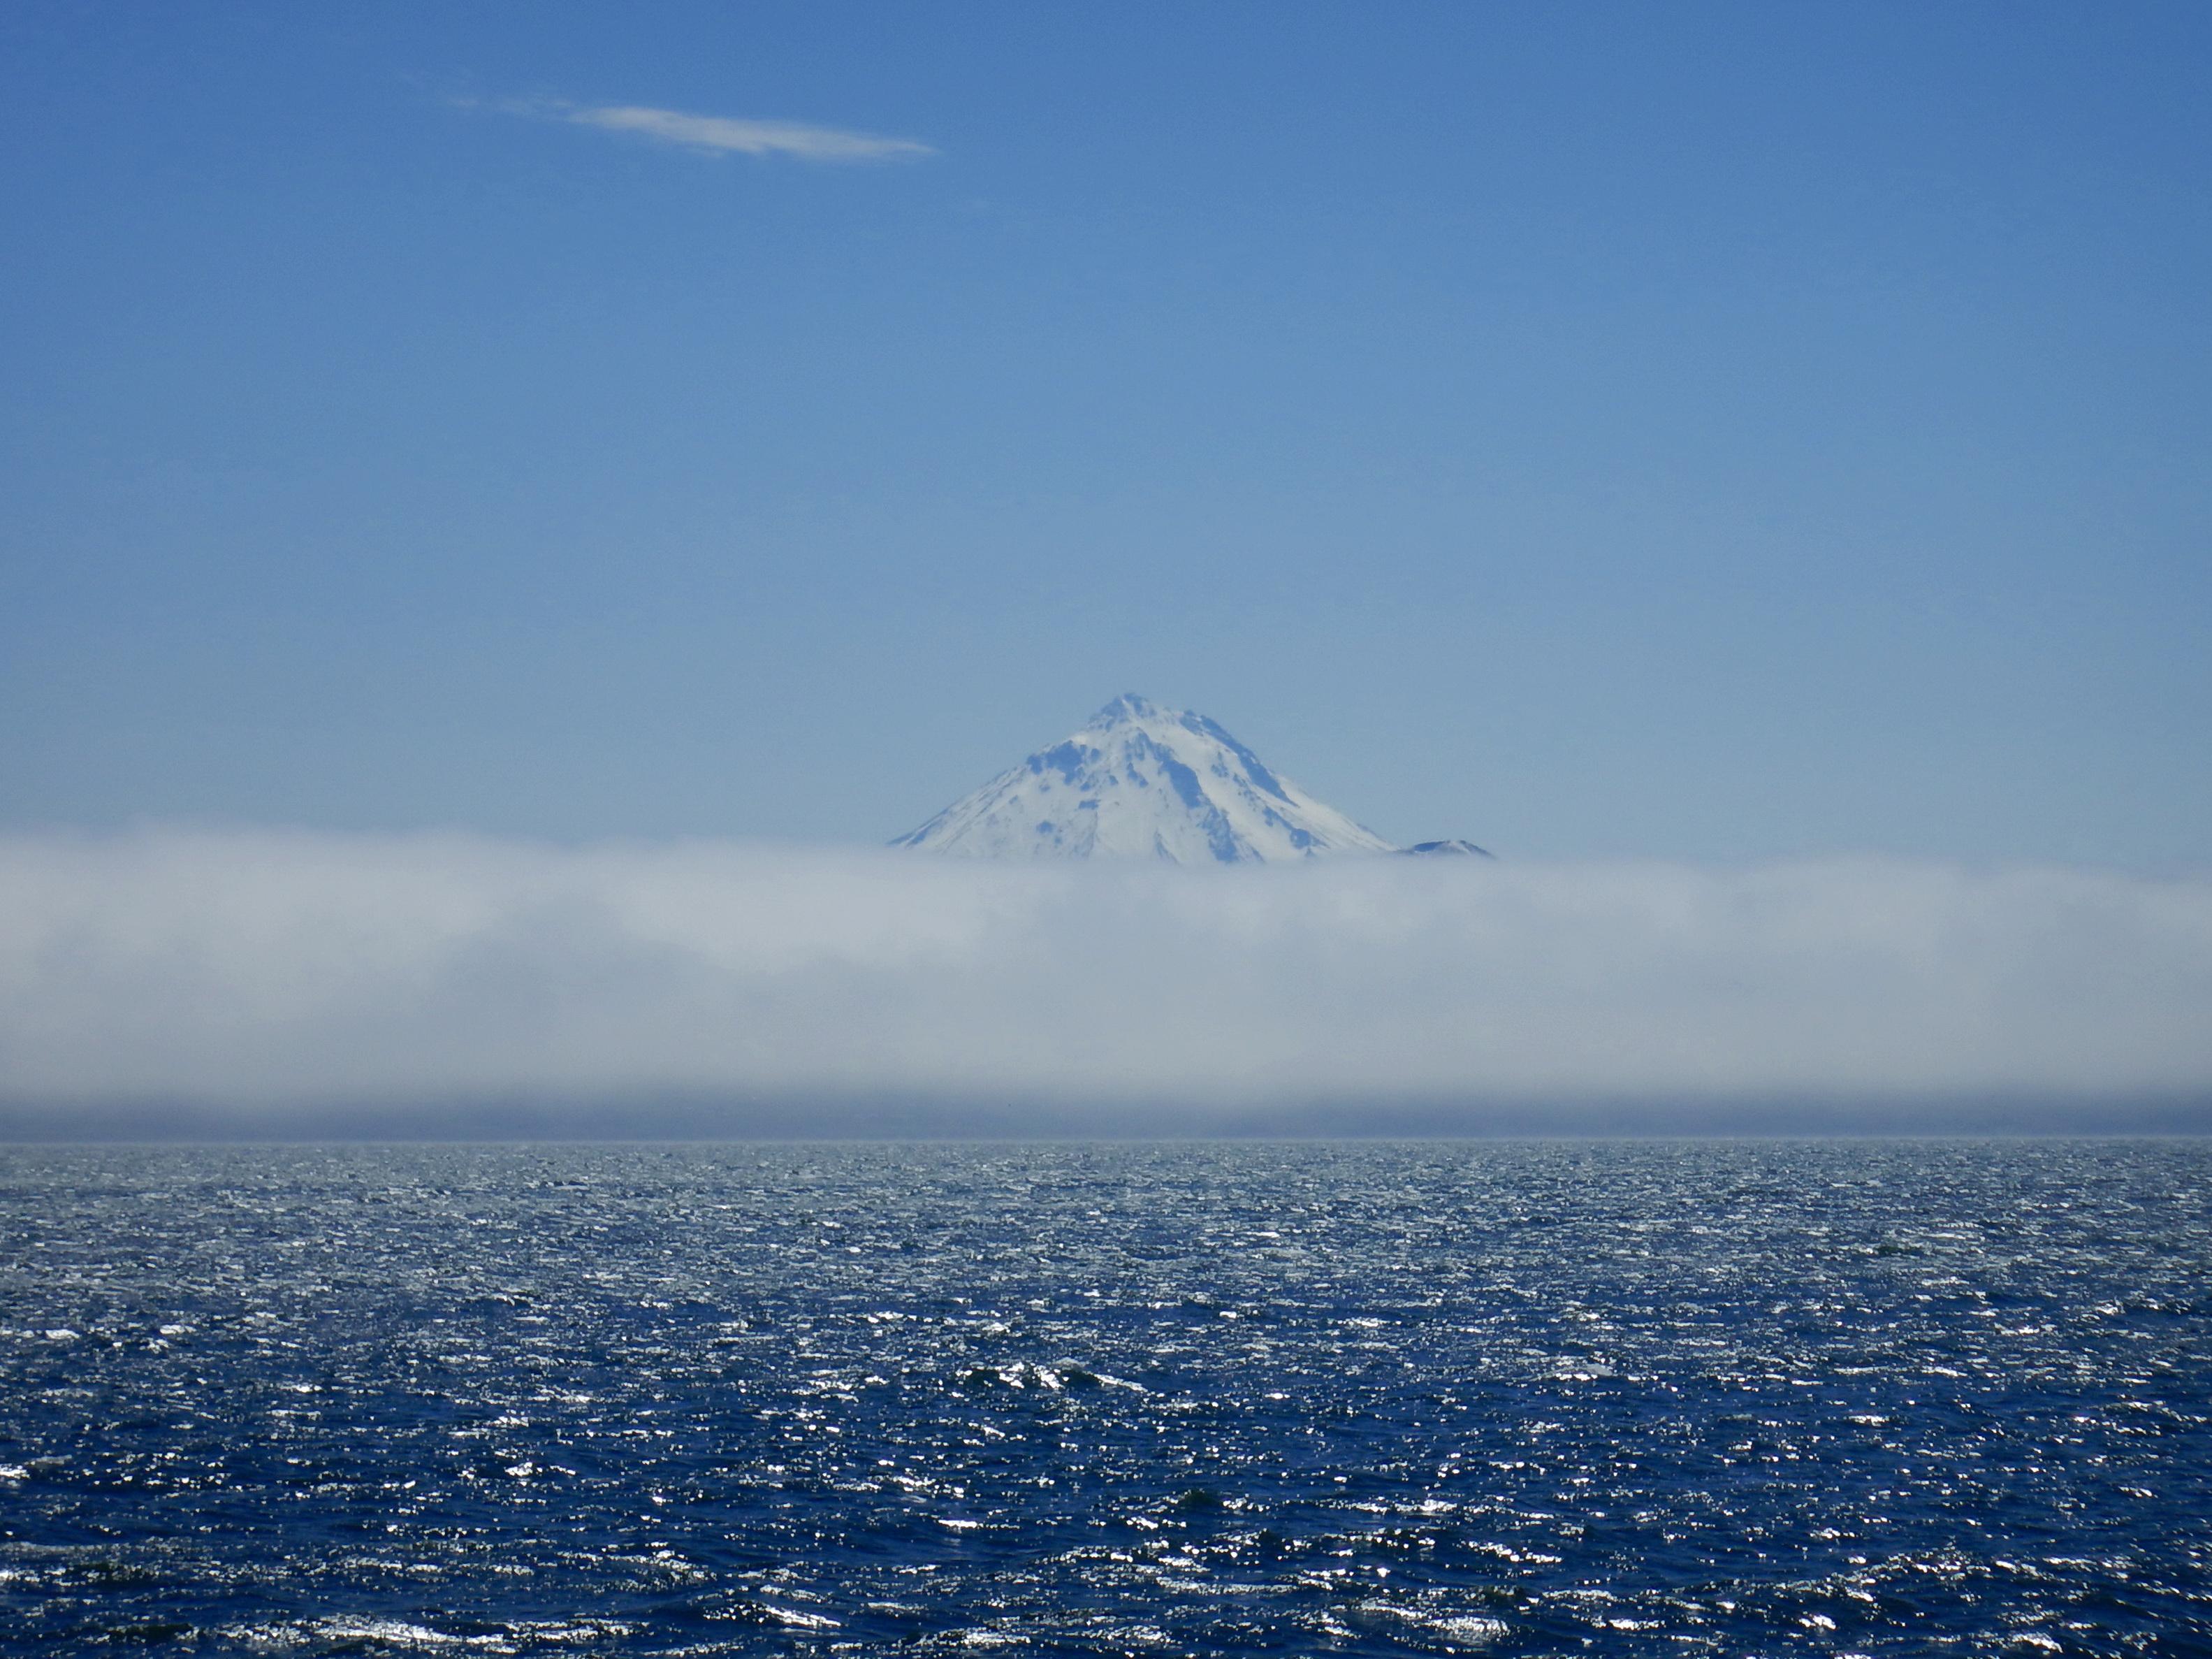 Авачинская бухта, вулкан Вилючинский